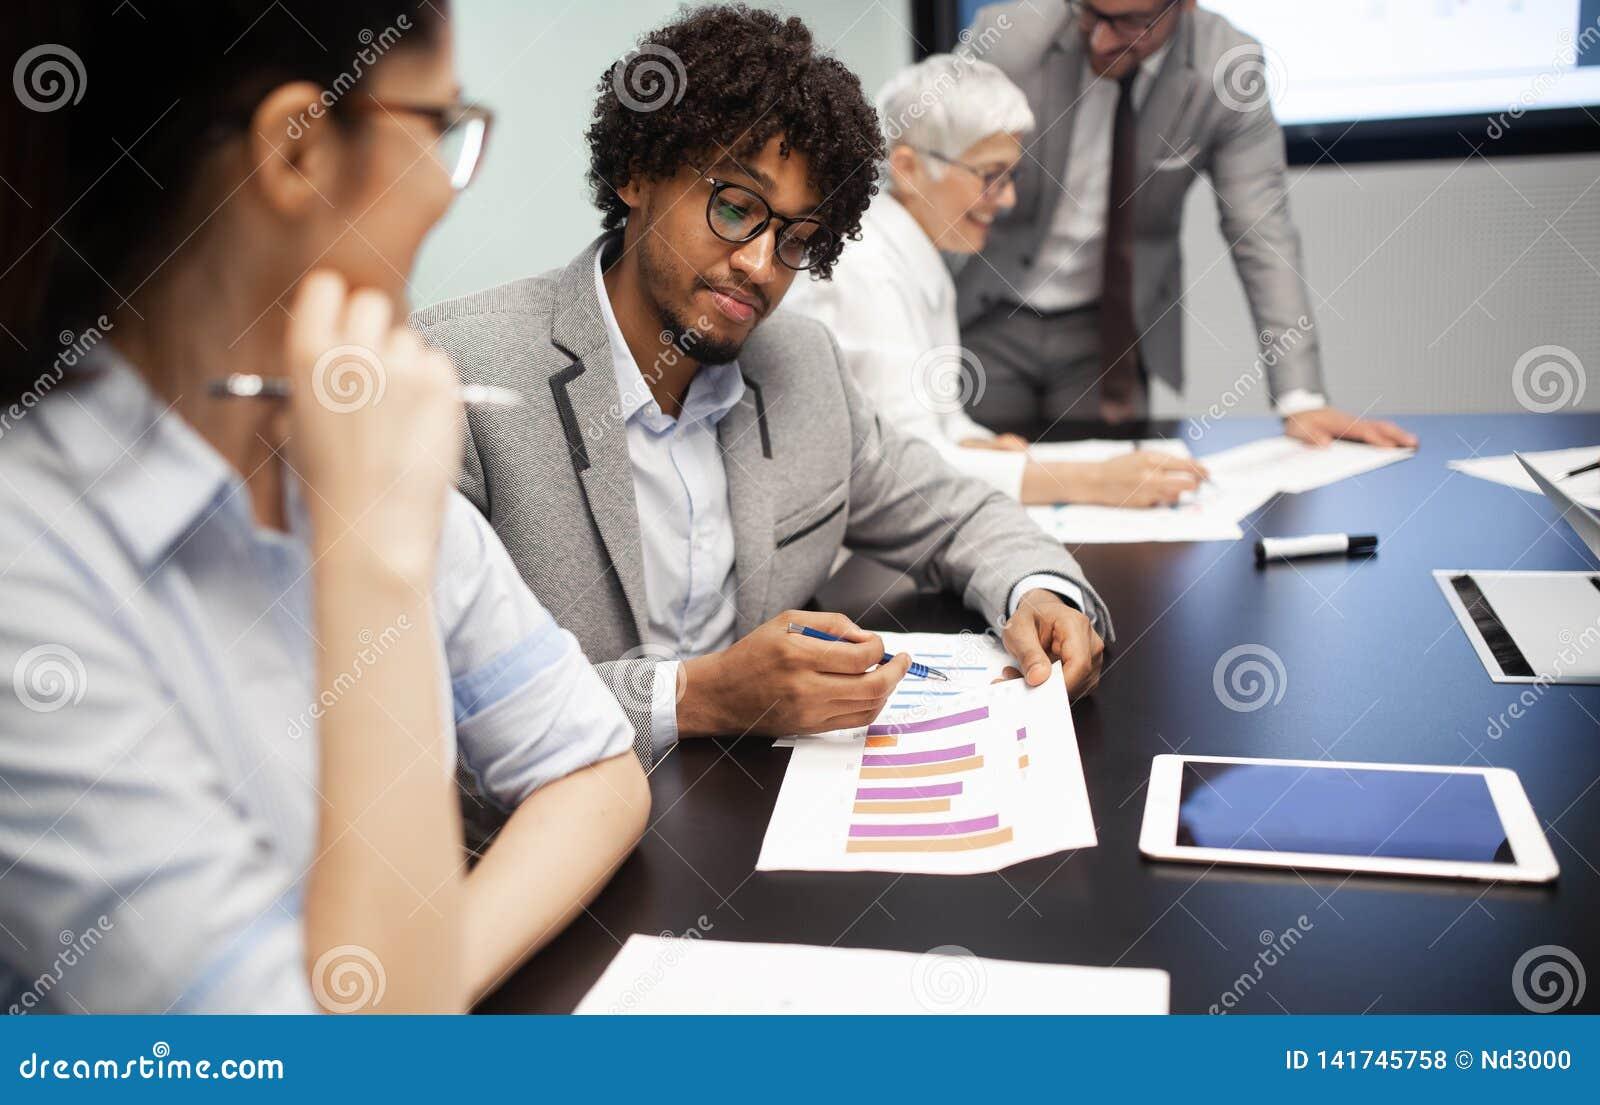 Collectieve bedrijfsteam en manager in een vergadering